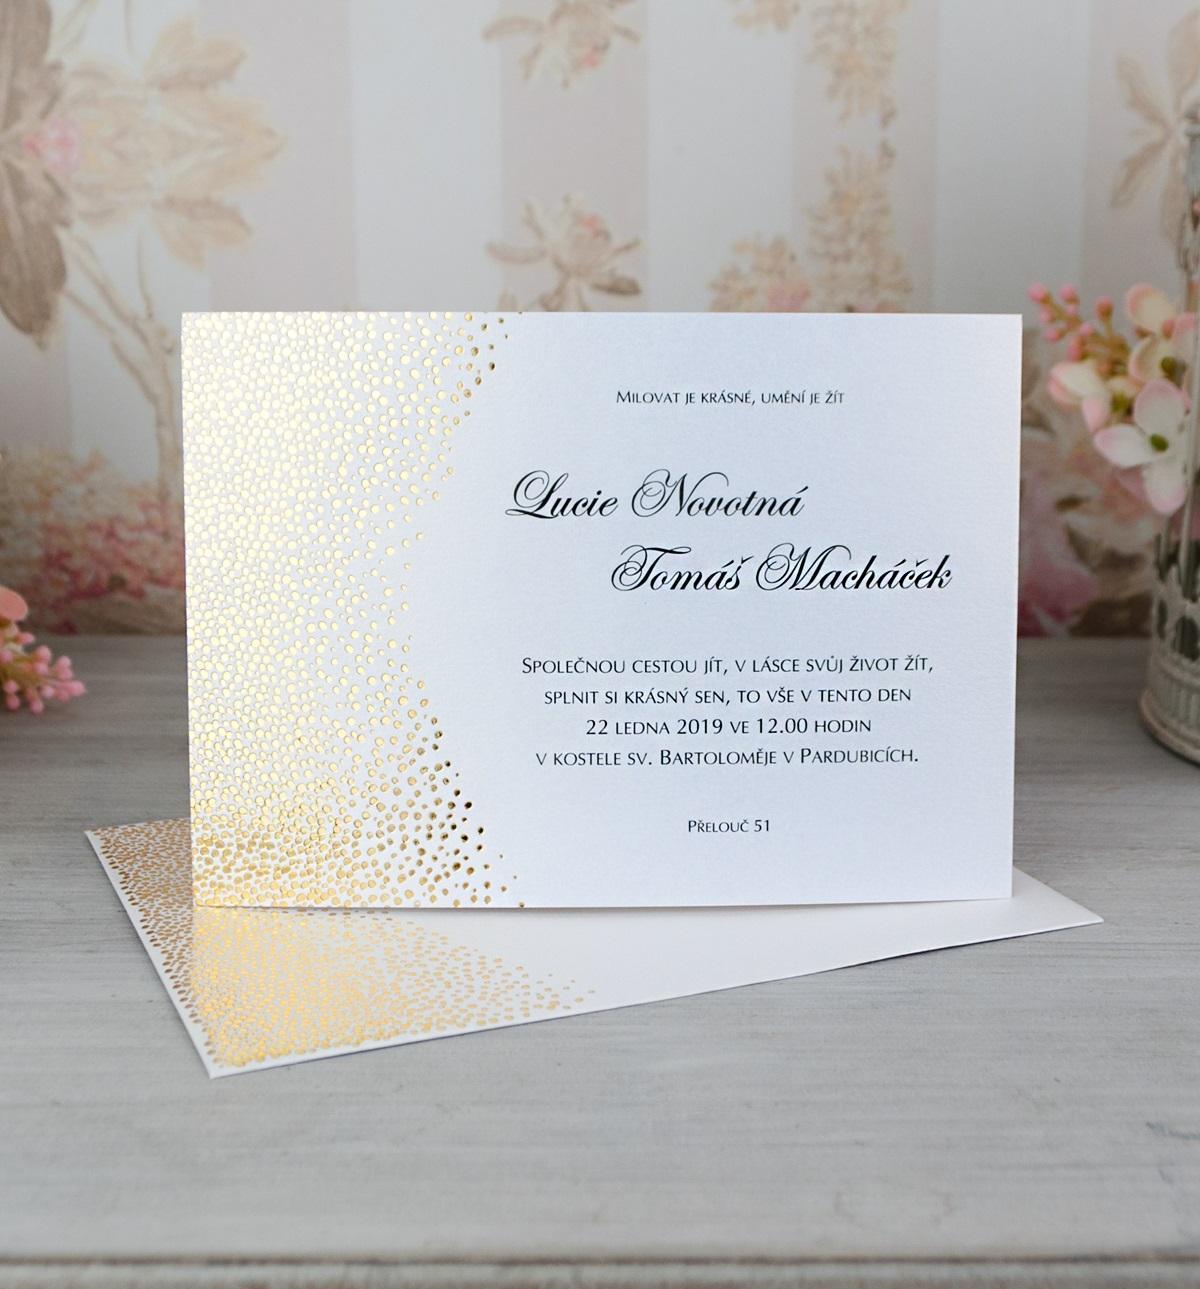 Svatební oznámení pro rok 2017 - Obrázek č. 1